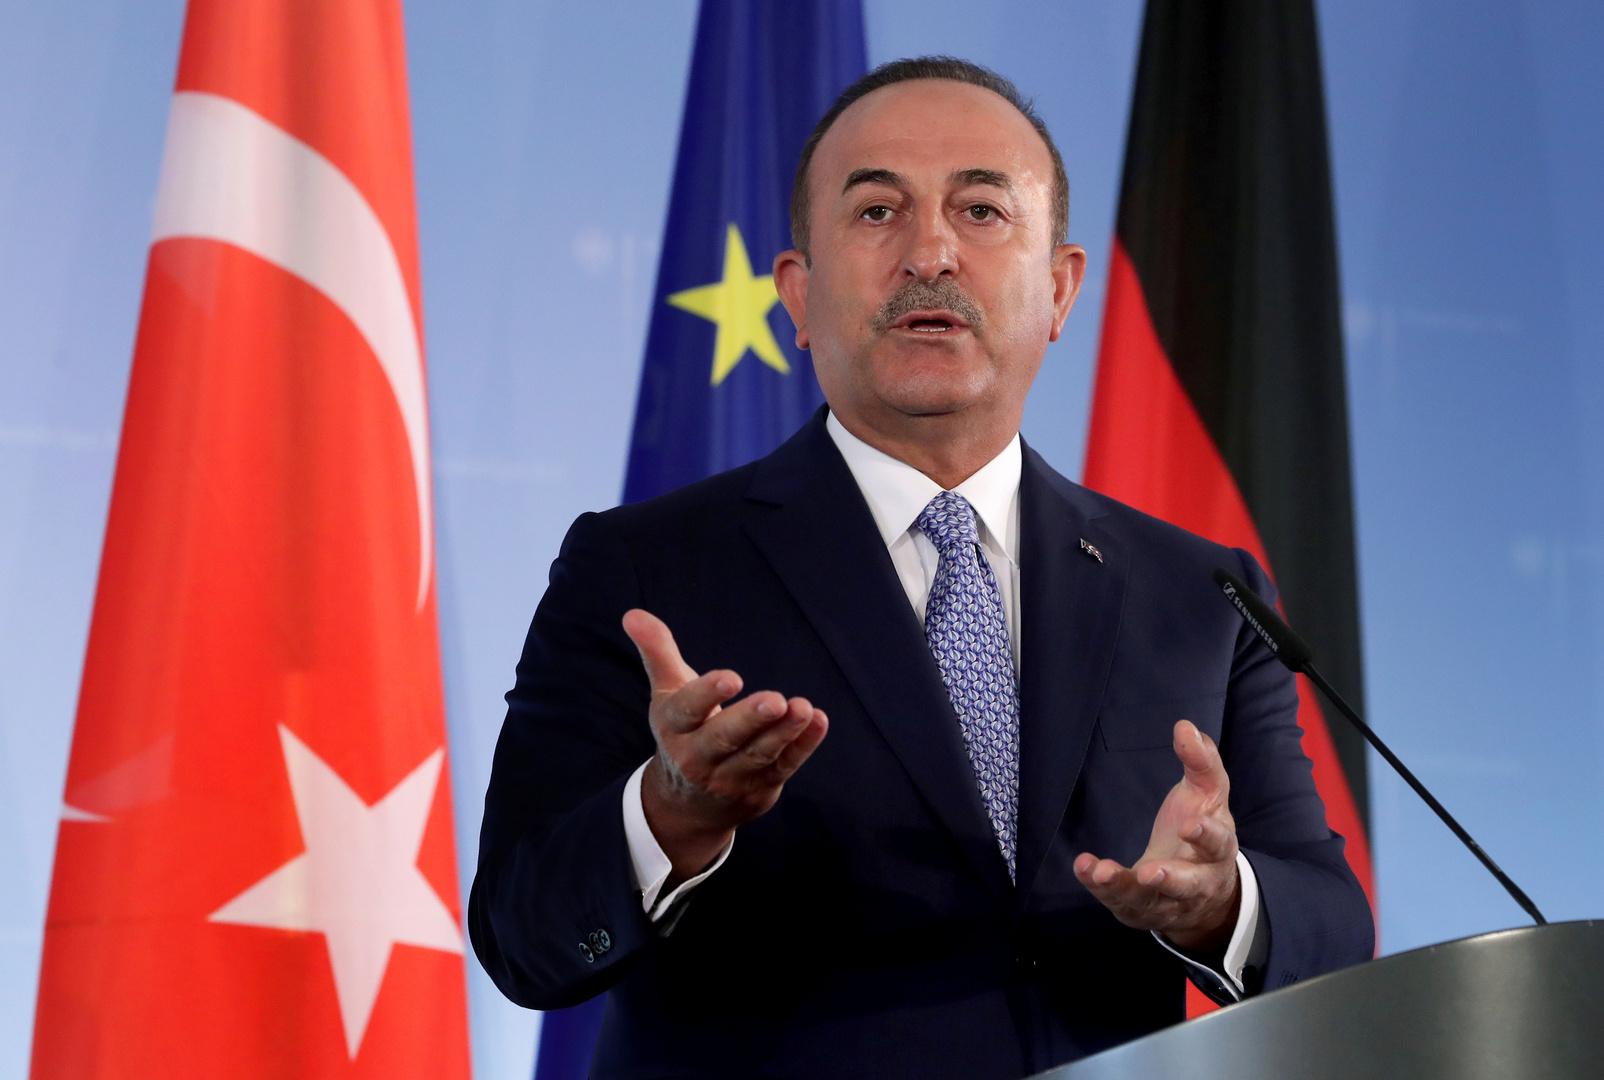 تشاووش أوغلو: على الاتحاد الأوروبي أن يدرك قيمة انضمام تركيا إليه